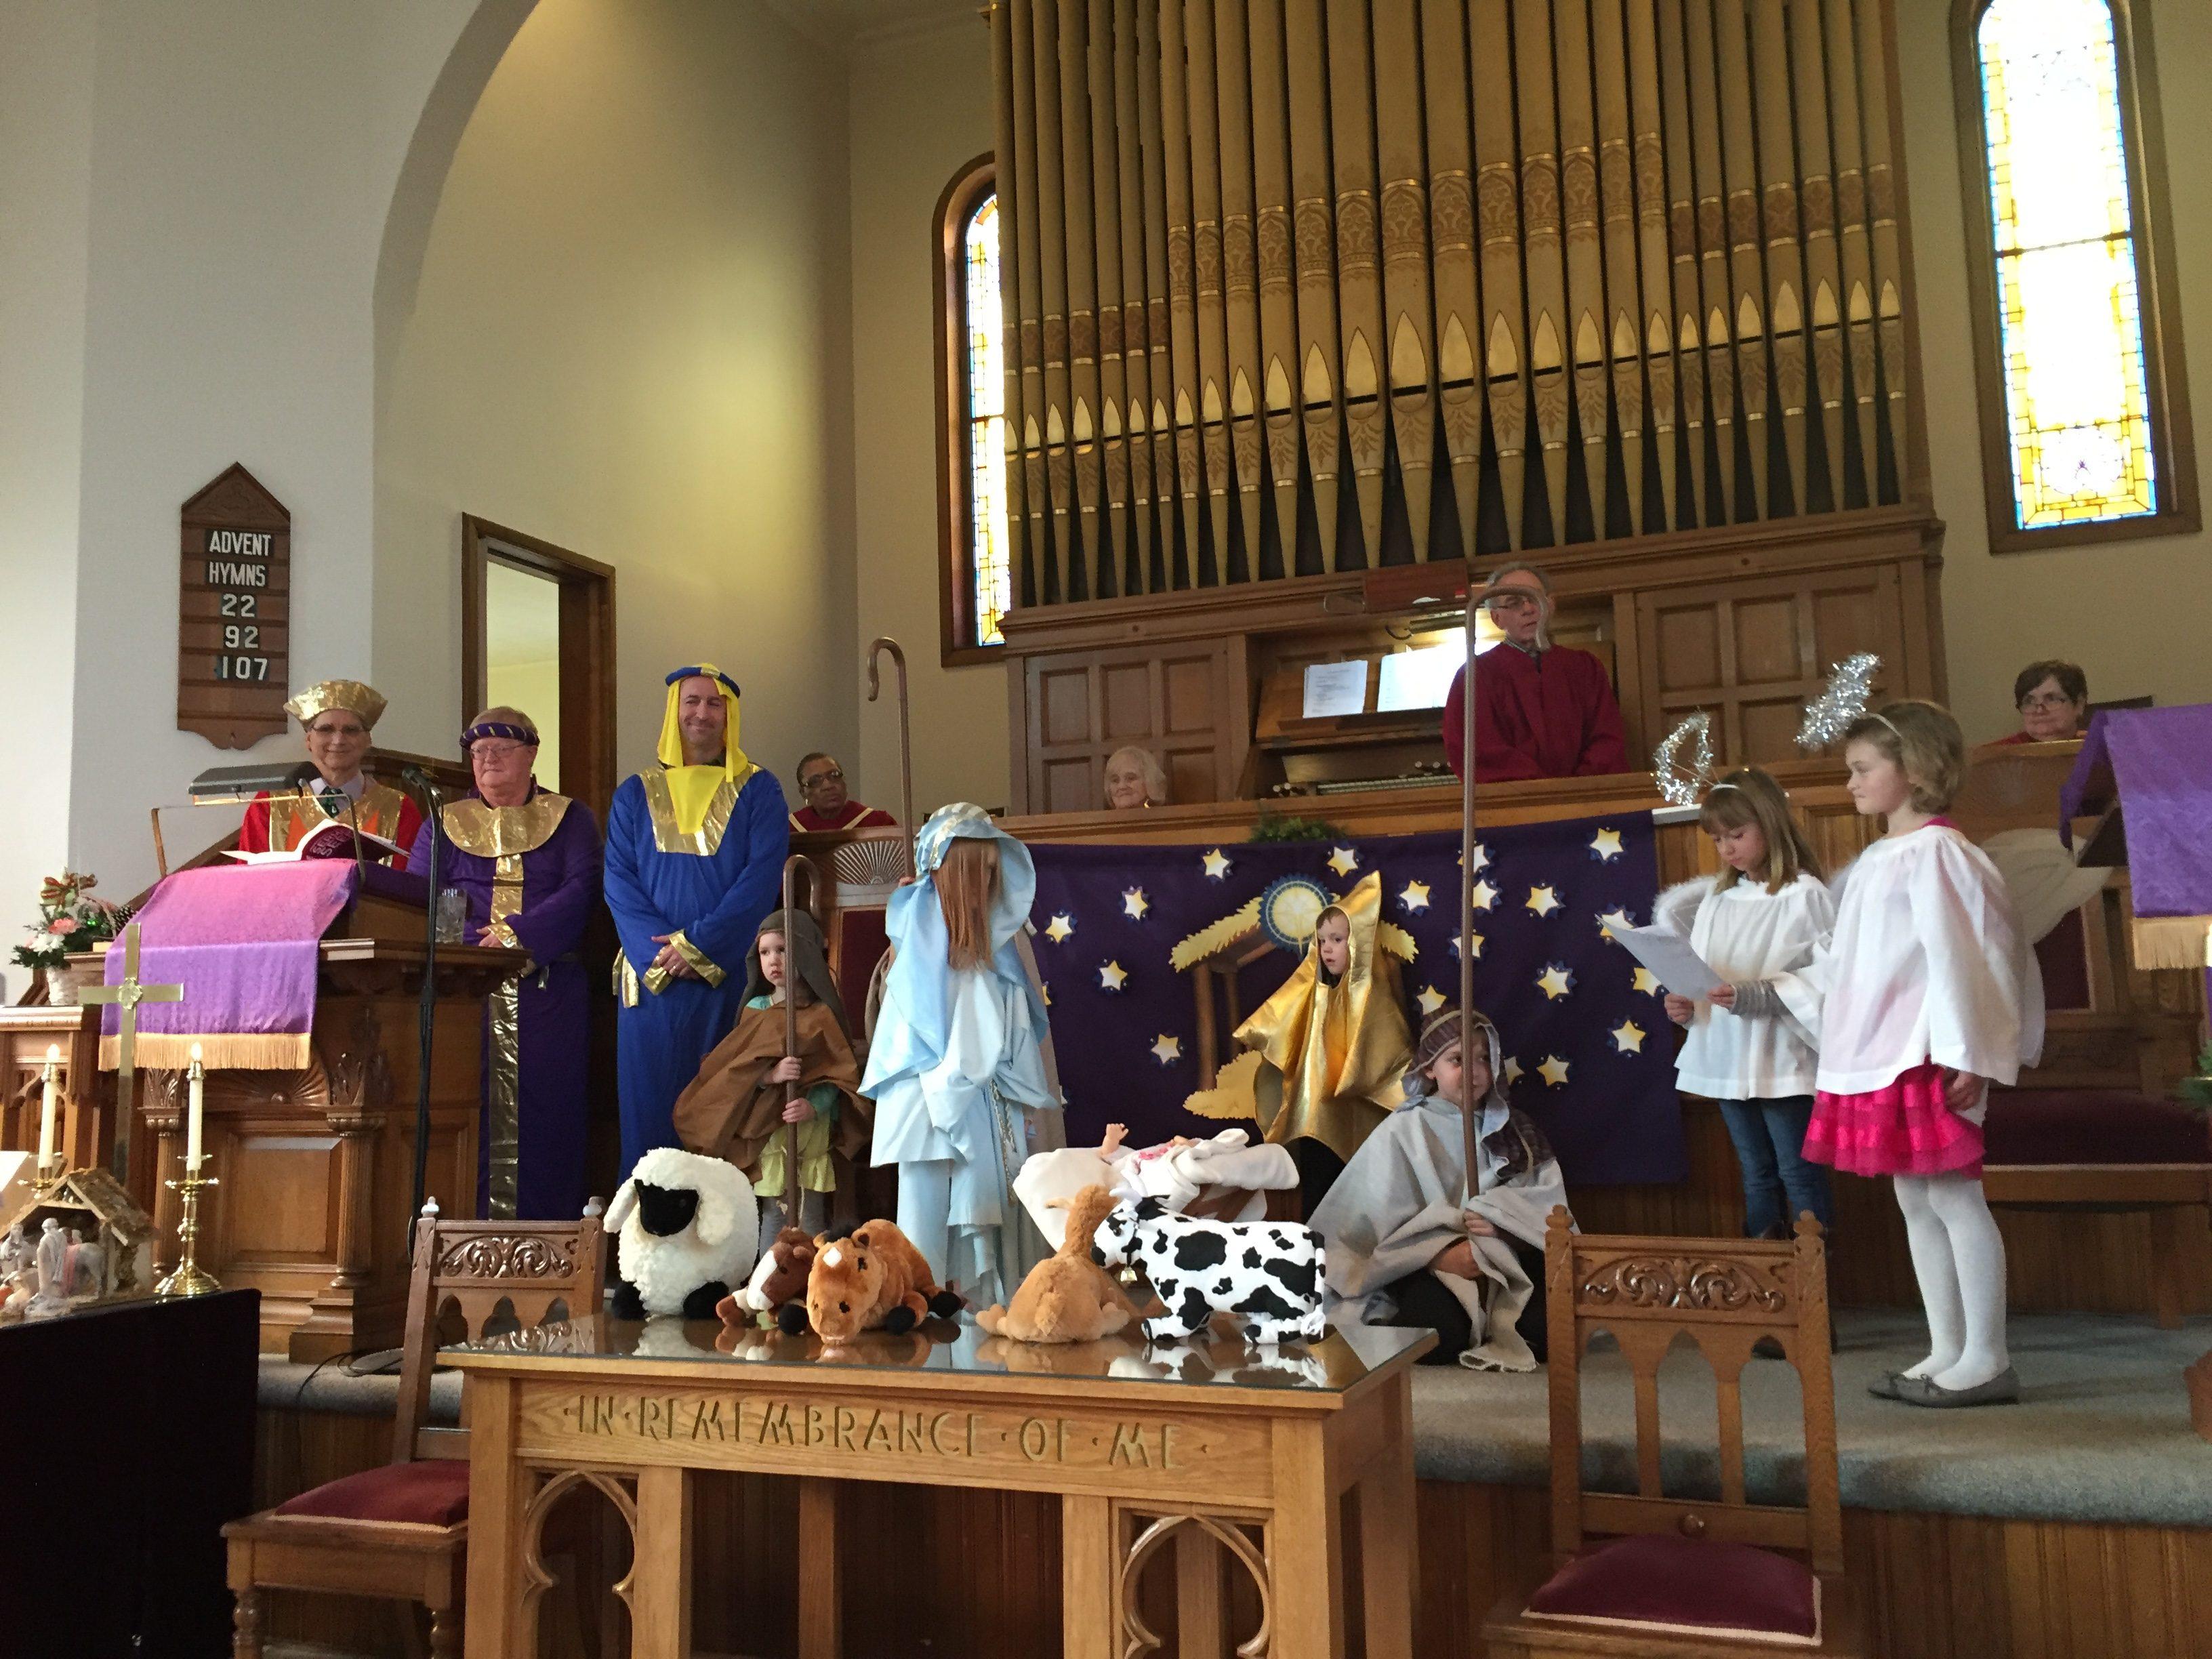 Our Children's Christmas Program